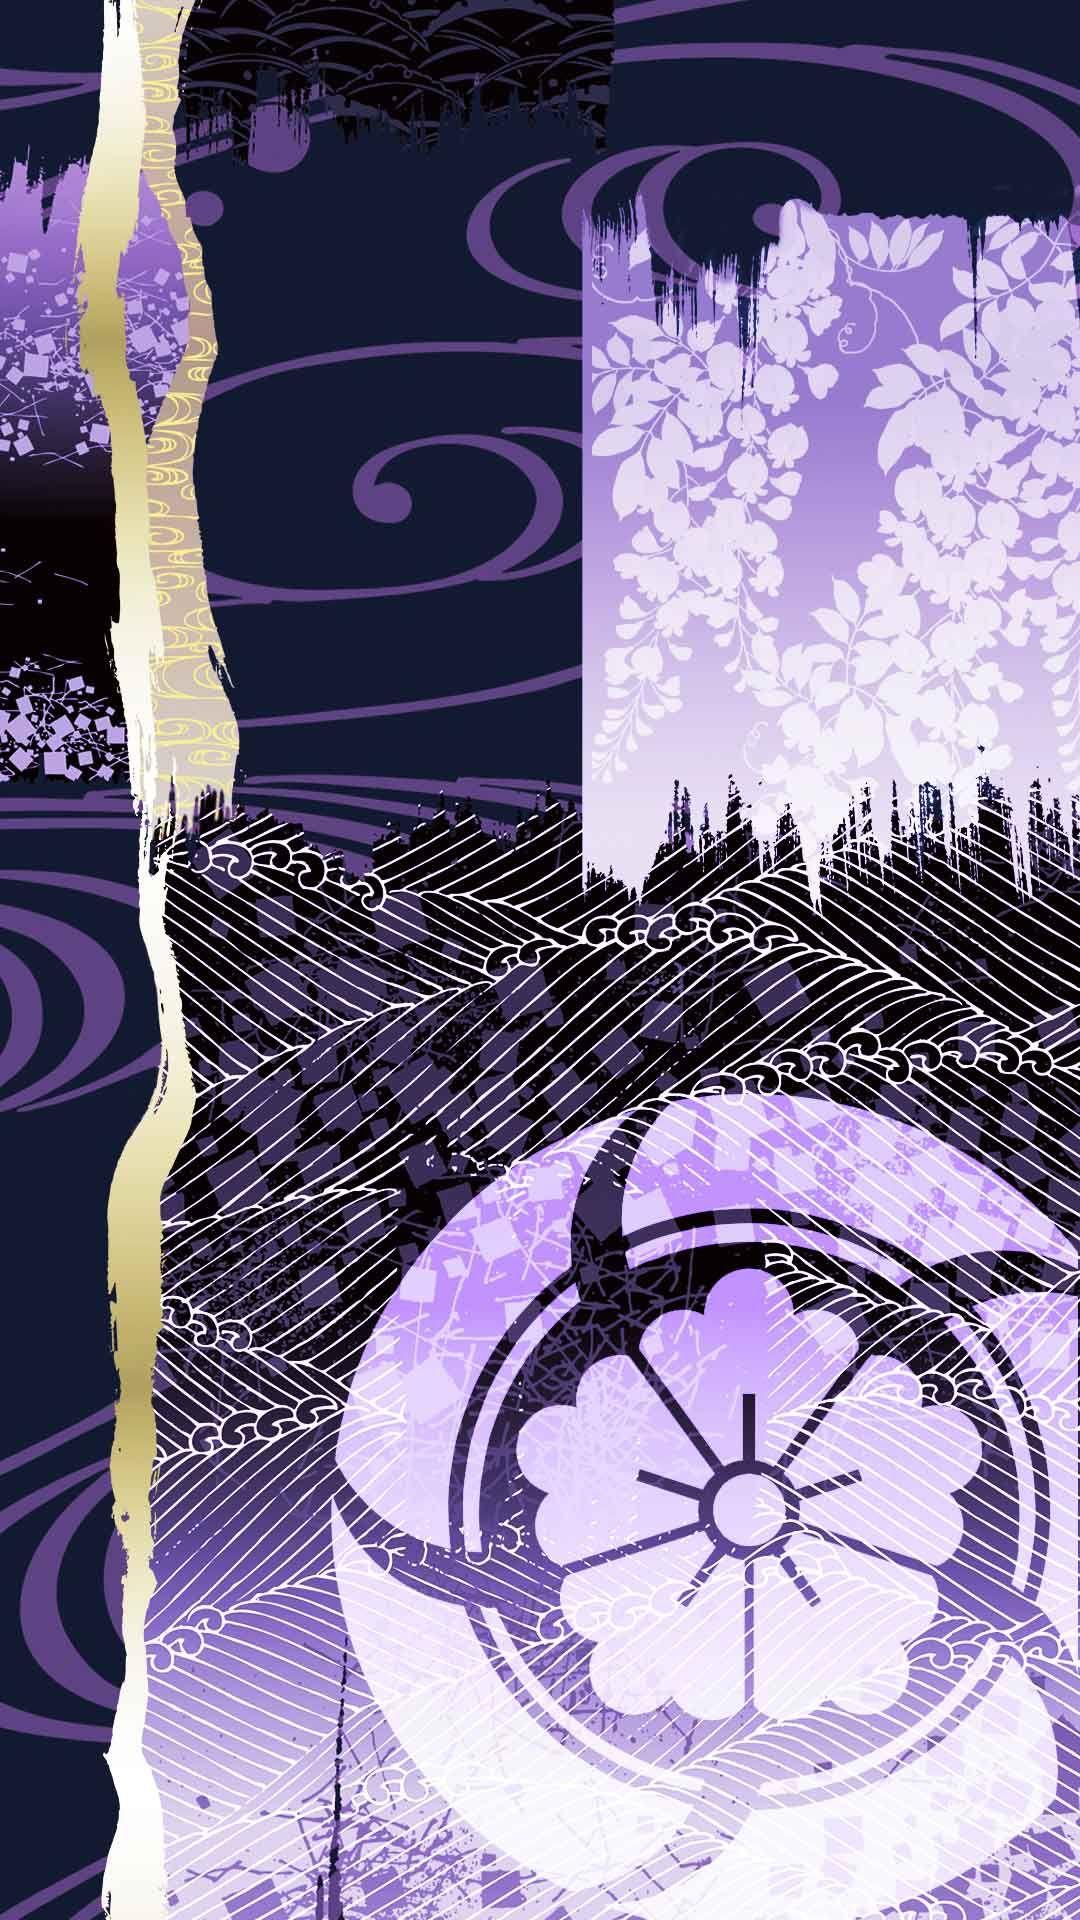 アニメ 壁紙 スマホ 無料 Wallpaper For You あなたのための壁紙